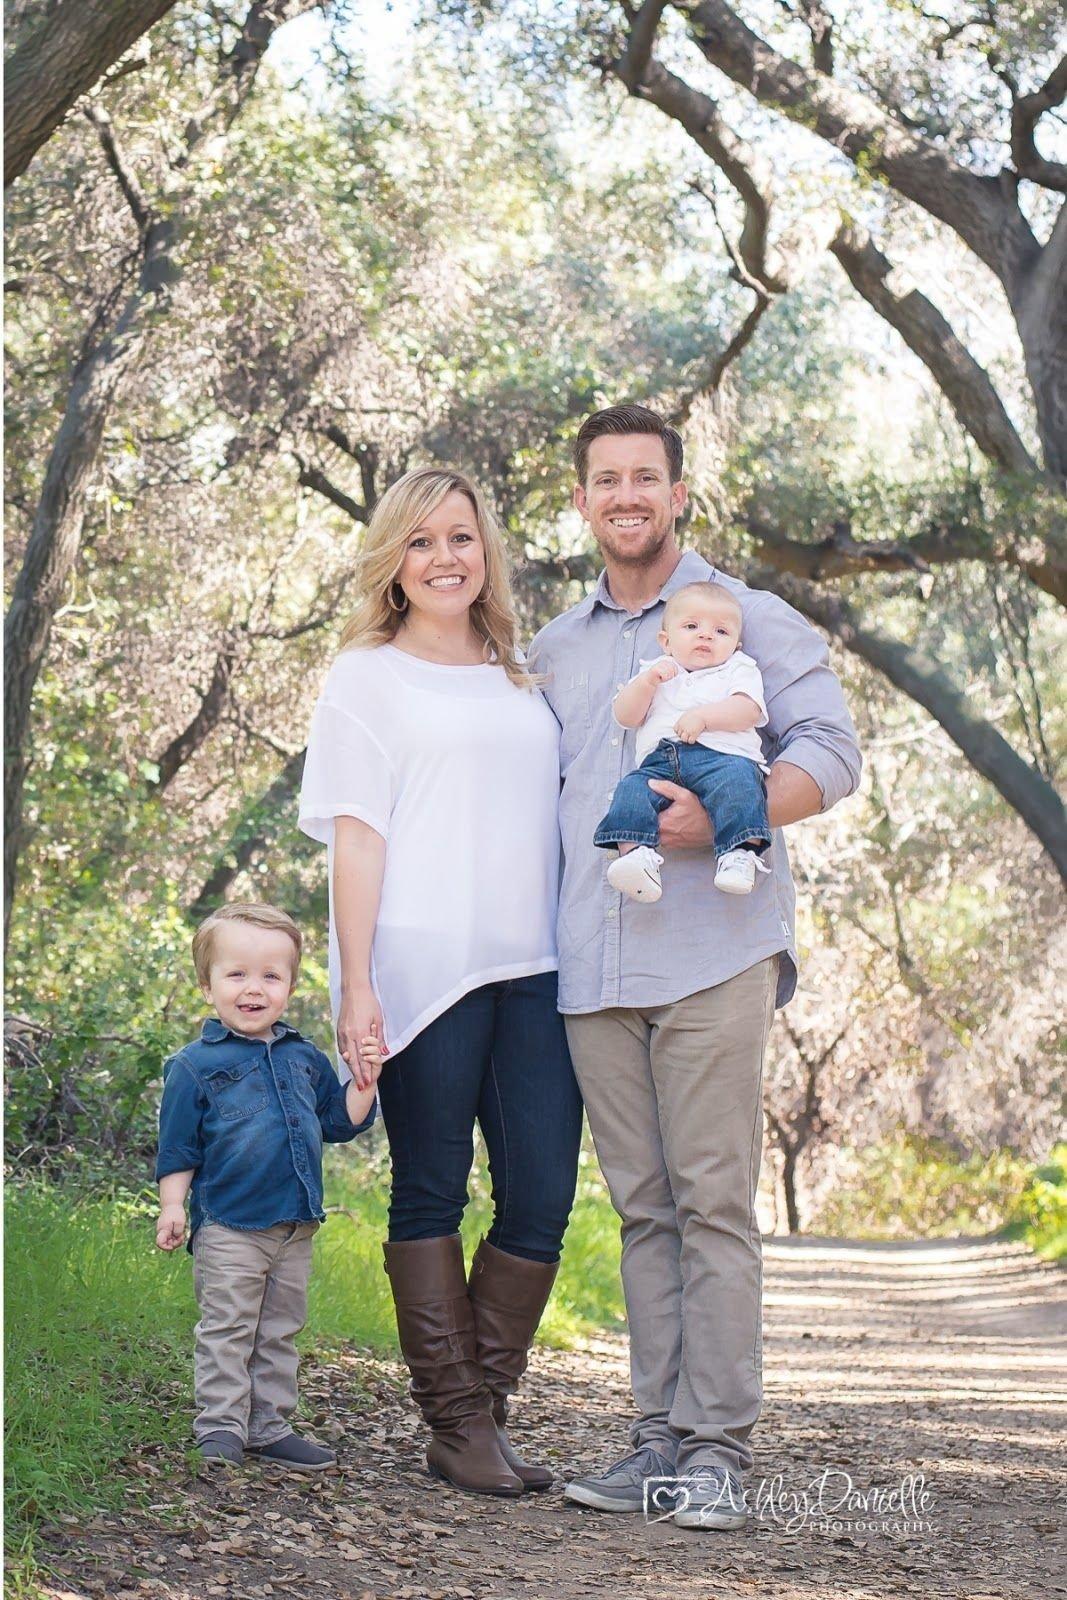 10 Stylish Family Photo Shoot Ideas Outdoors outdoor family photo family of 4 pose family pose with young 1 2021